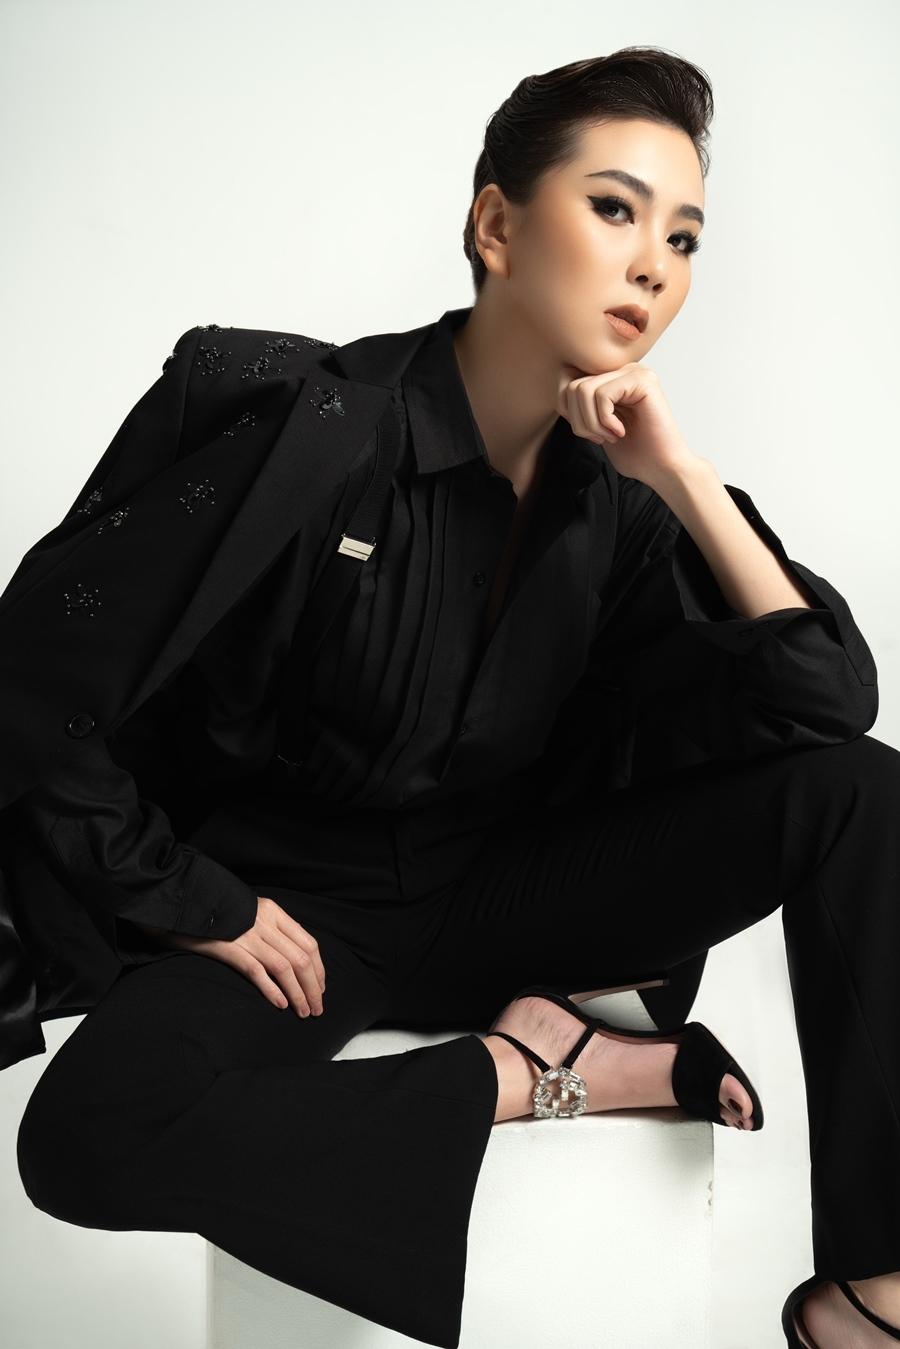 MC Mai Ngọc VTV: 'Tôi may mắn có một người để yêu và trân trọng mình'